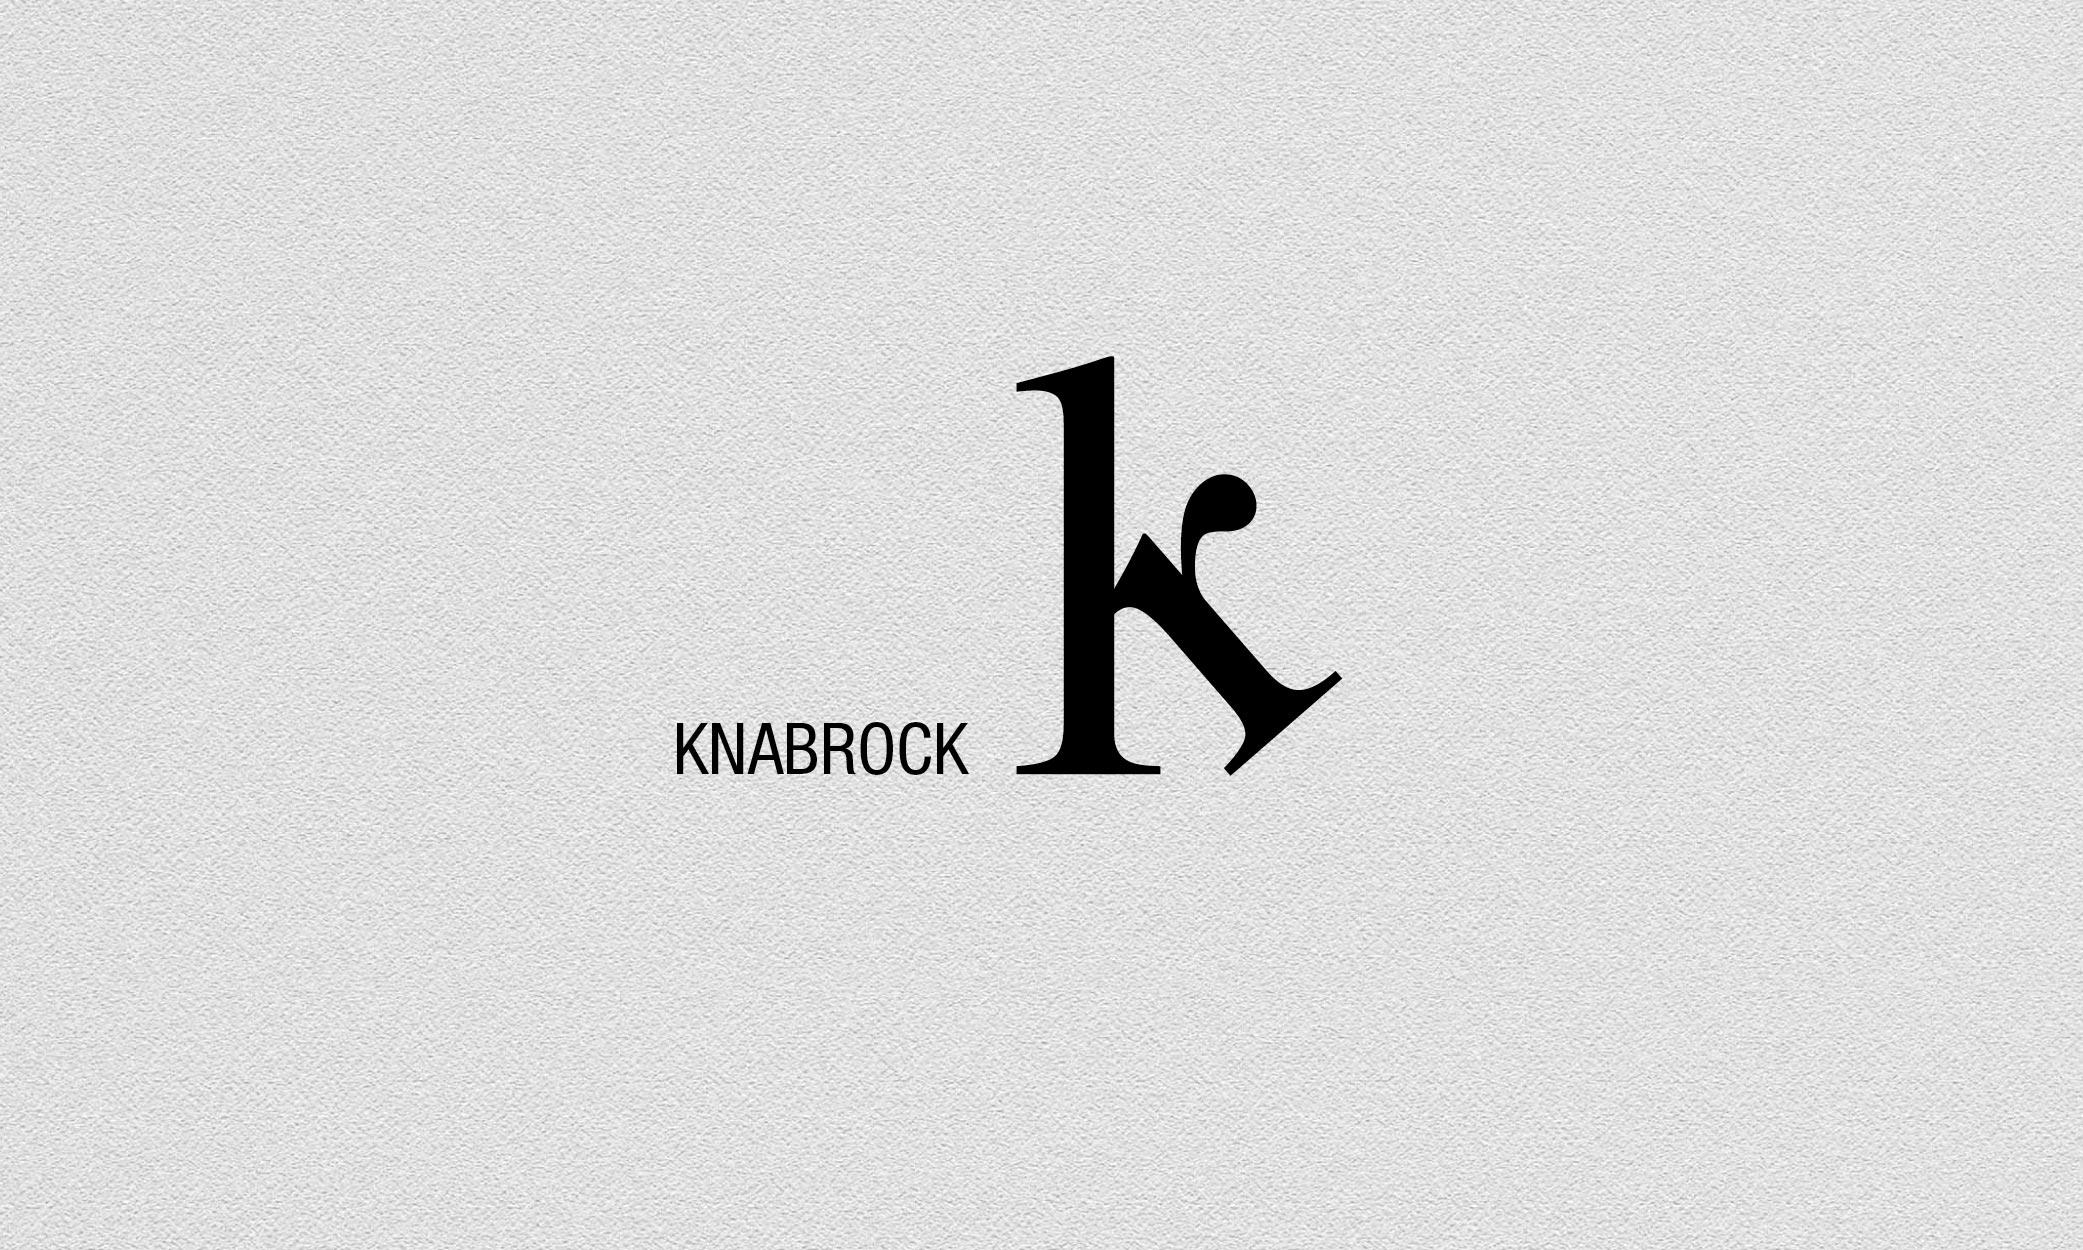 Inprint_KNABROCK